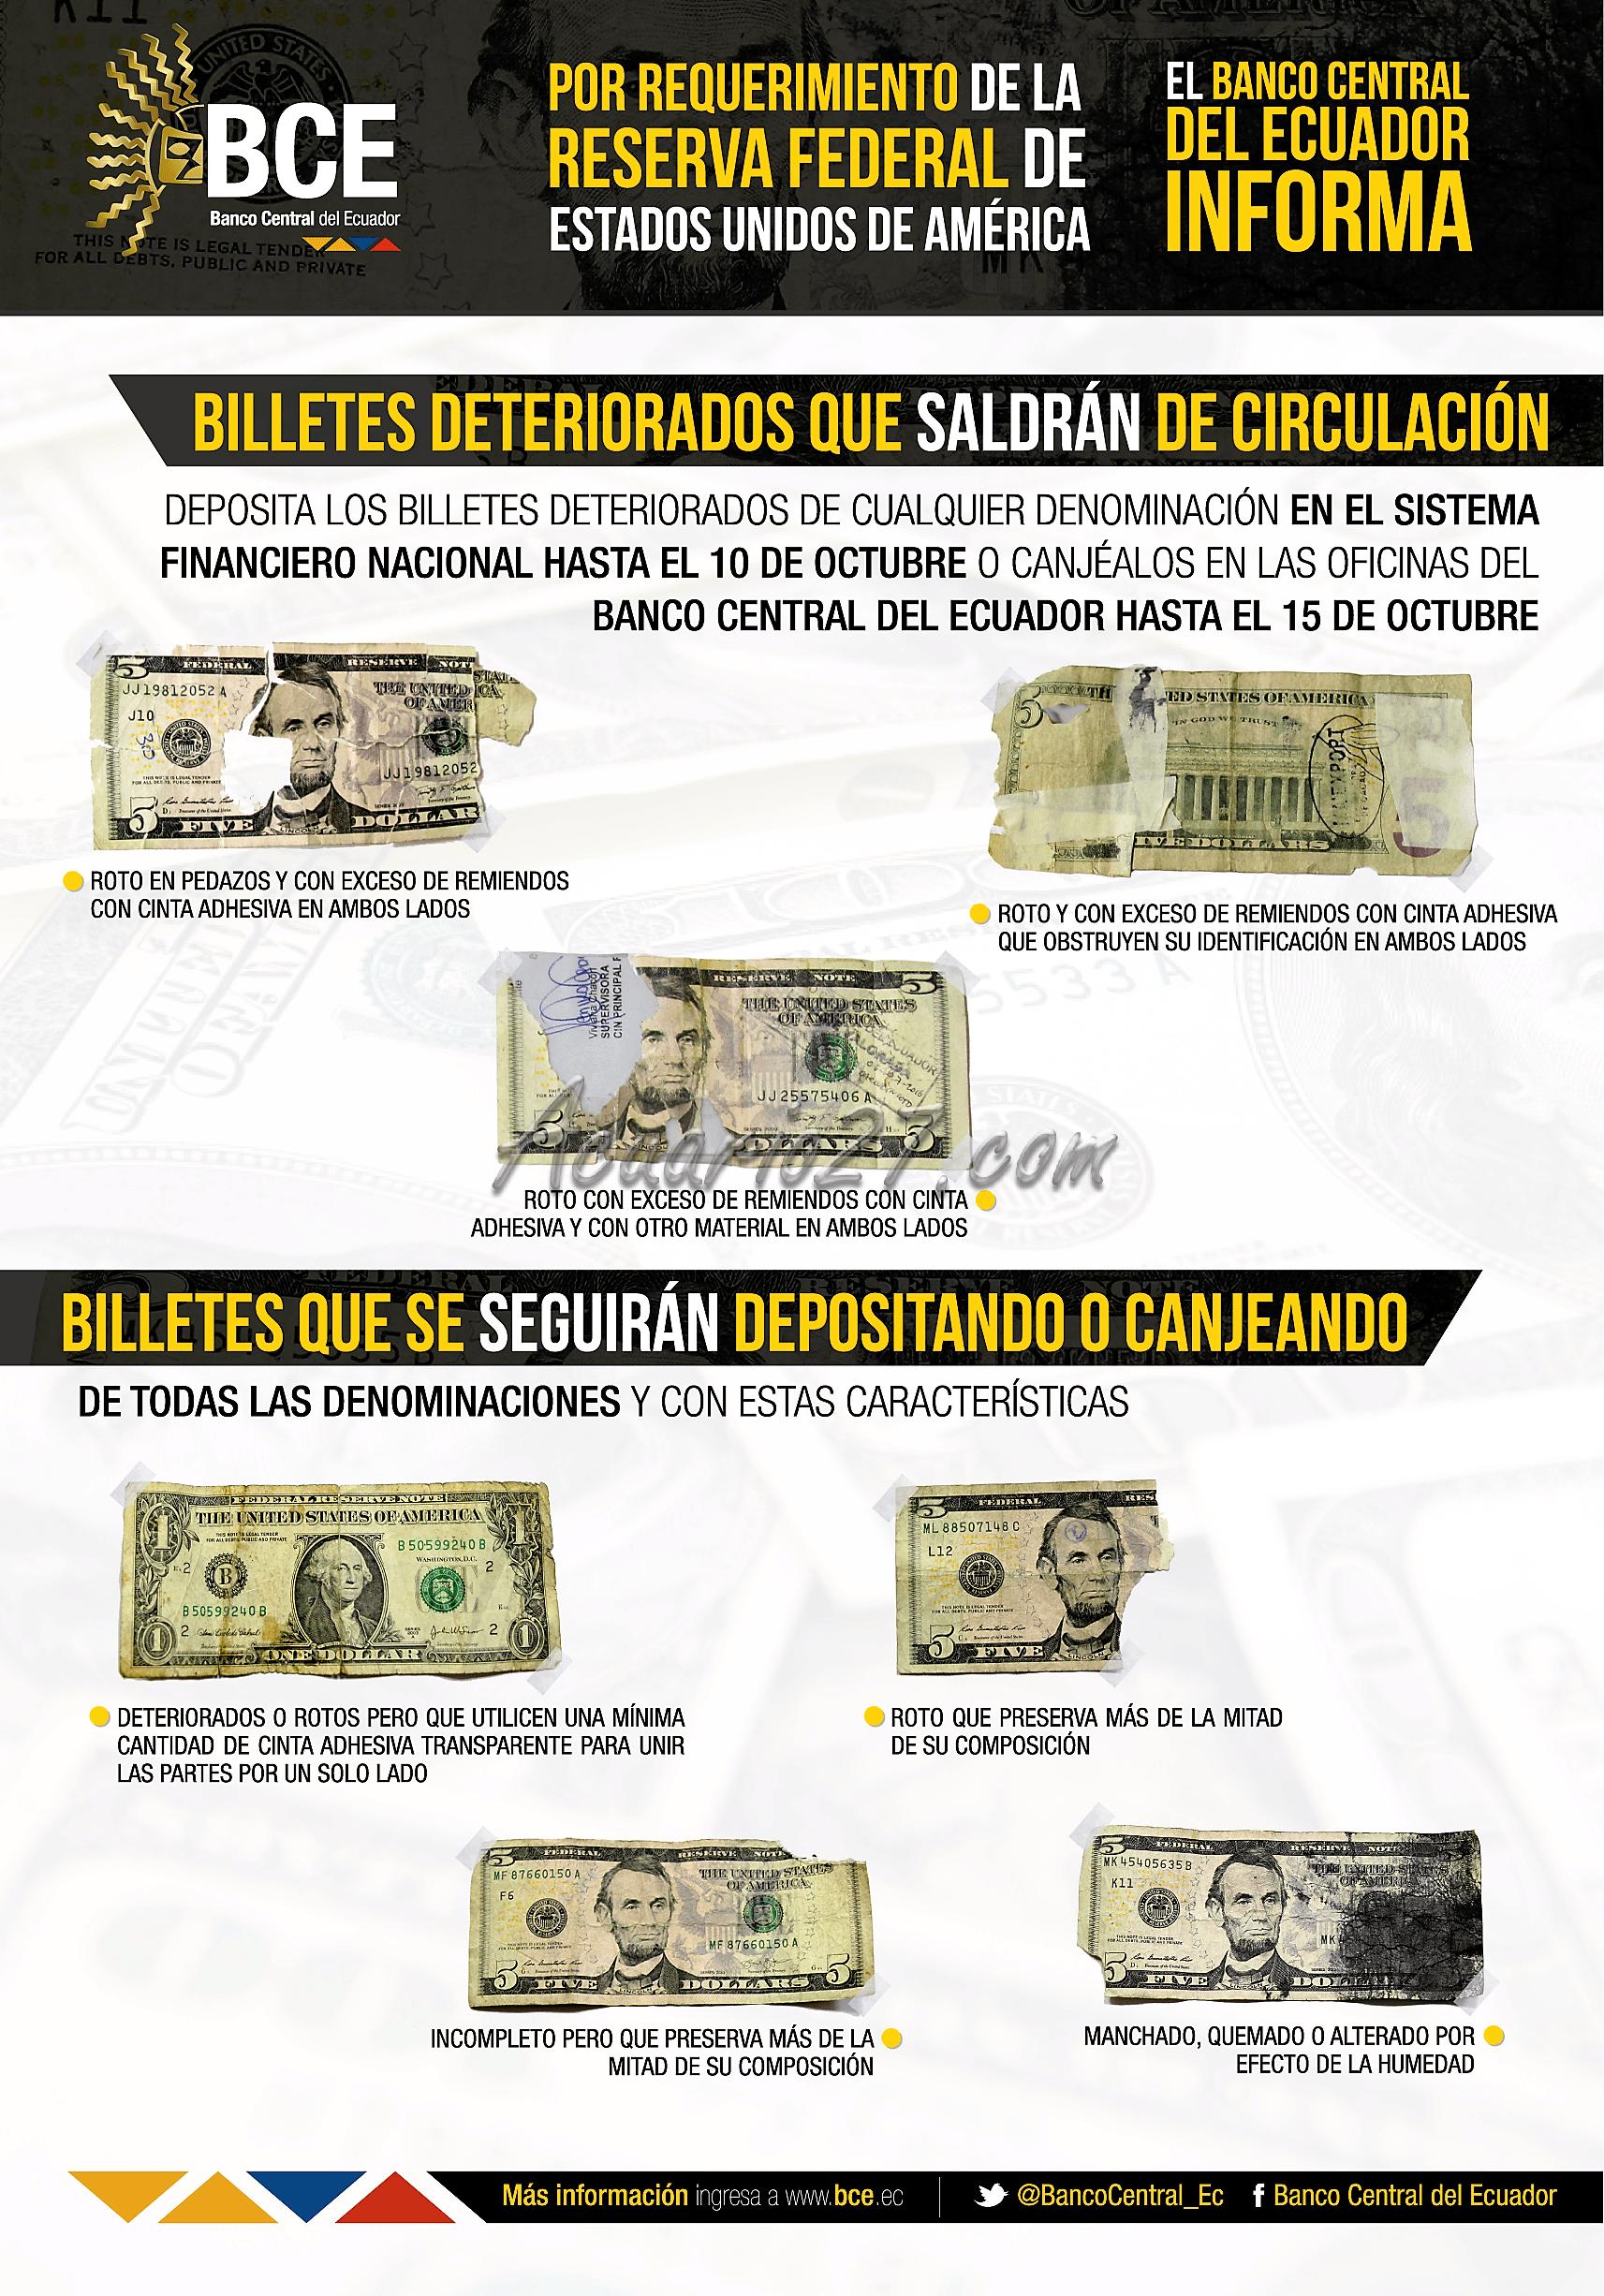 Billetes deteriorados saldrán de circulación